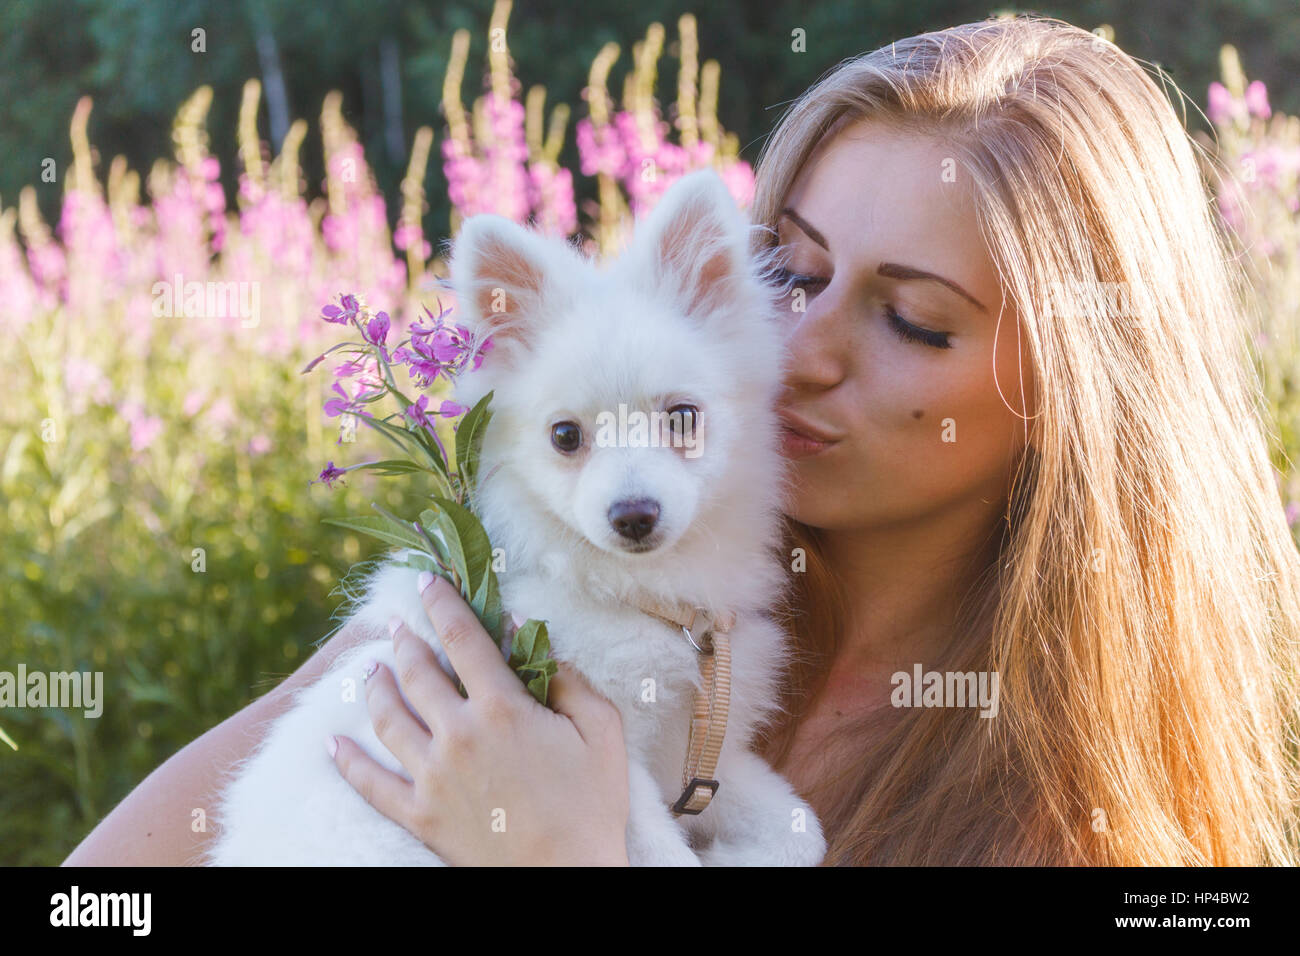 Commit error. Siberian mouse girls kissing thanks